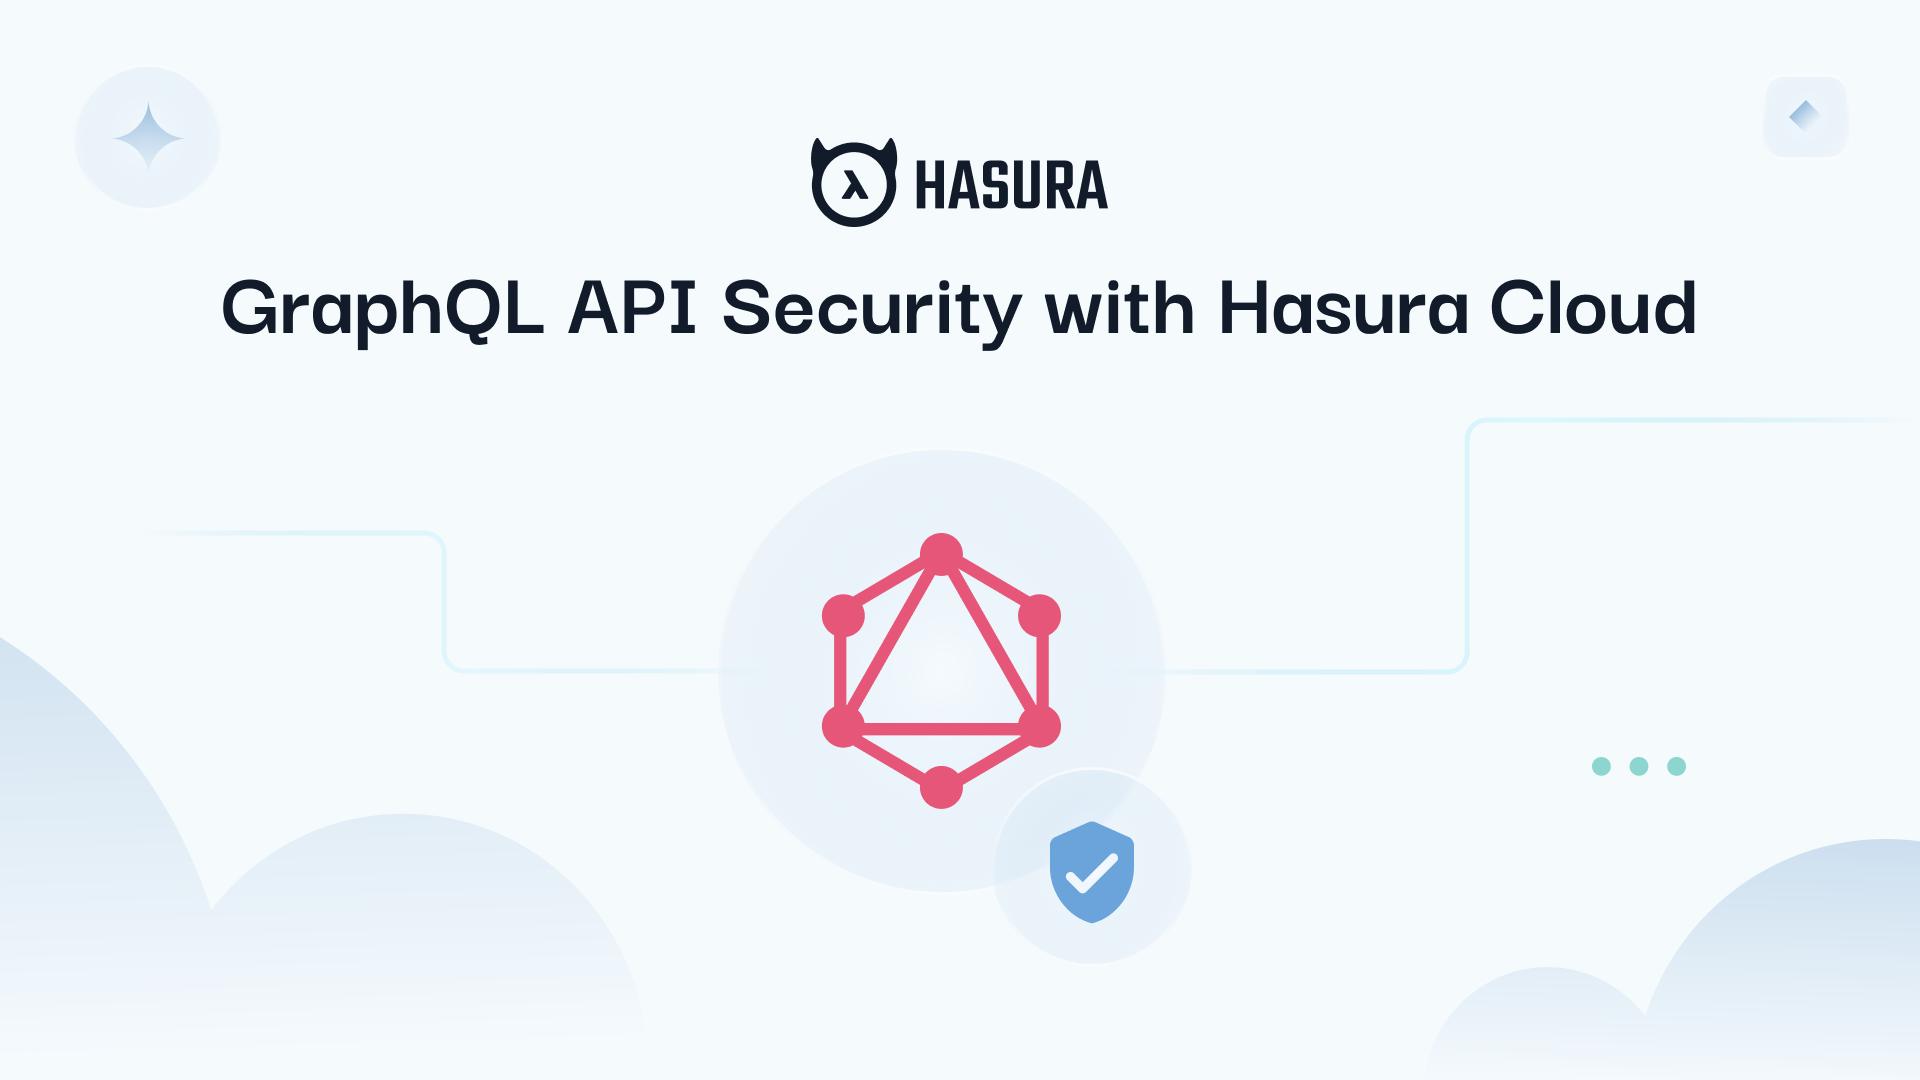 GraphQL API Security with Hasura Cloud